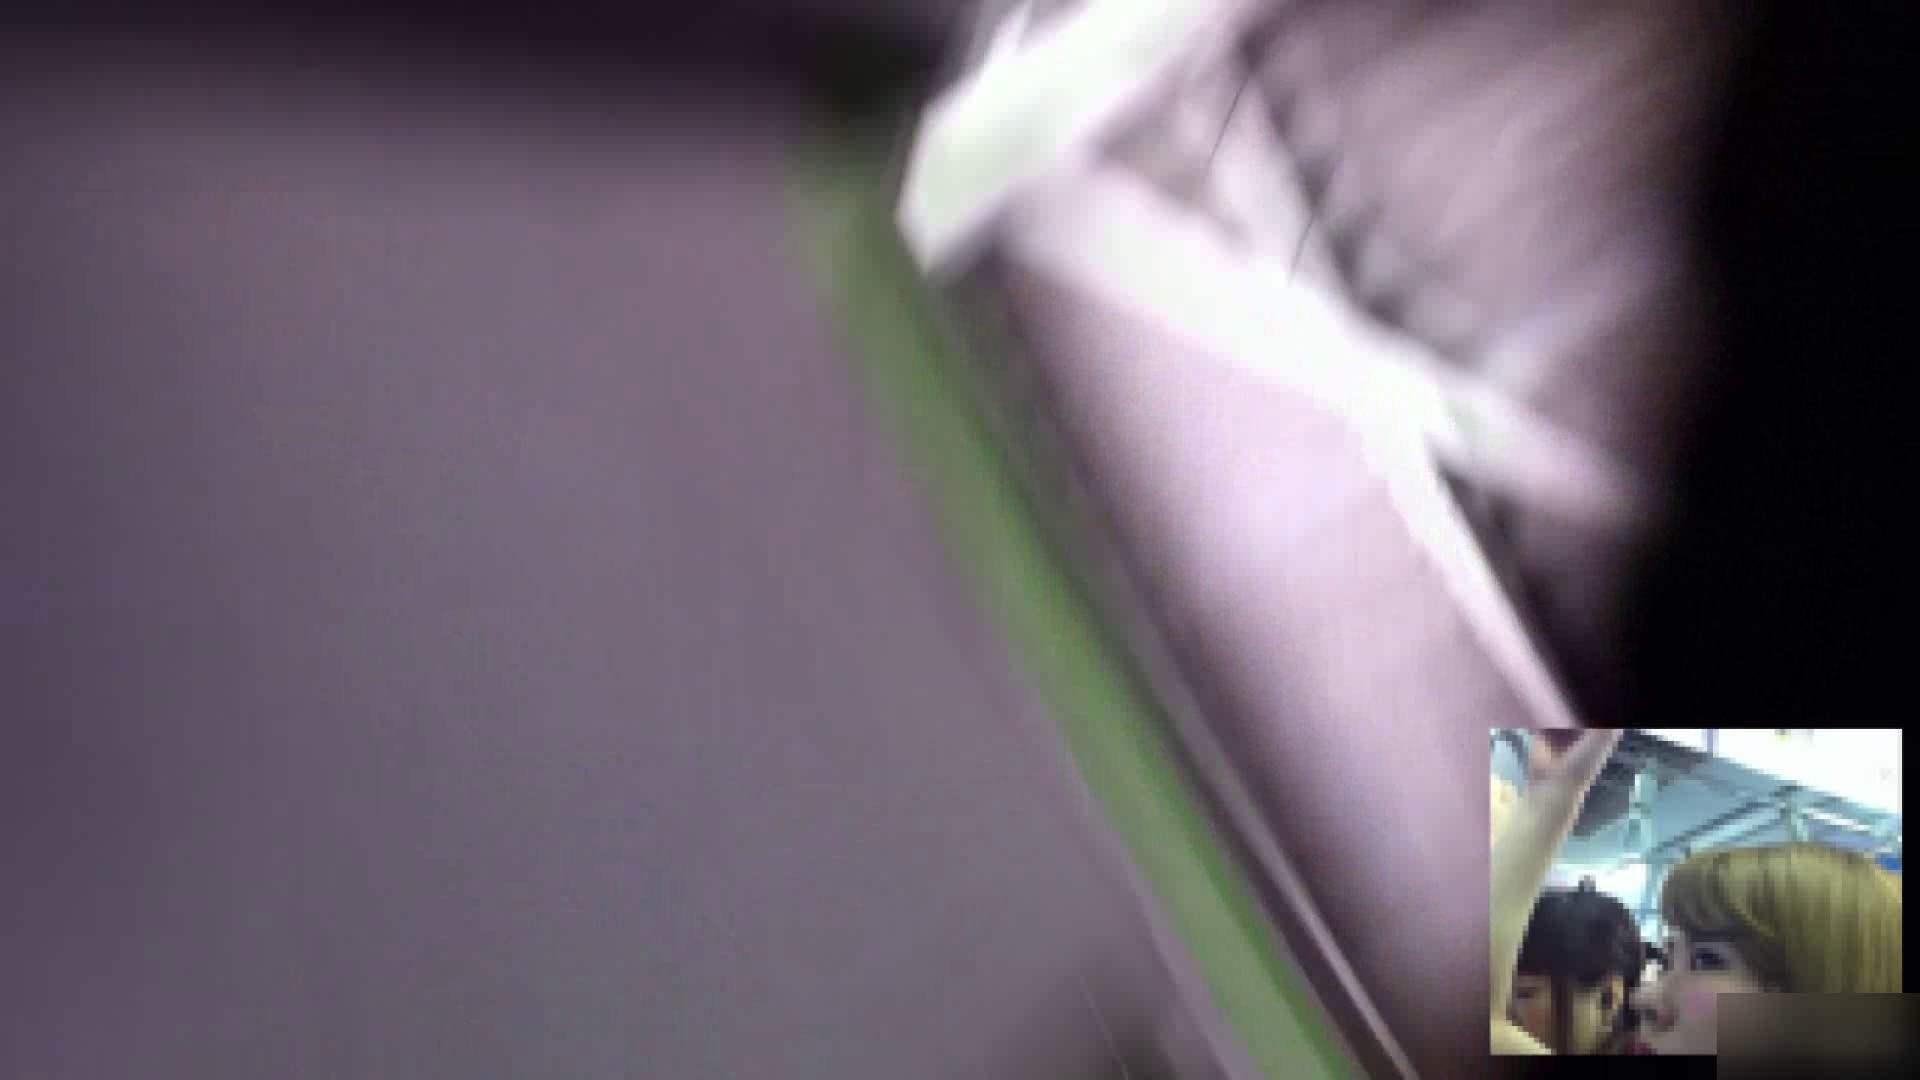 ガールズパンチラストリートビューVol.041 パンチラのぞき AV動画キャプチャ 84画像 75